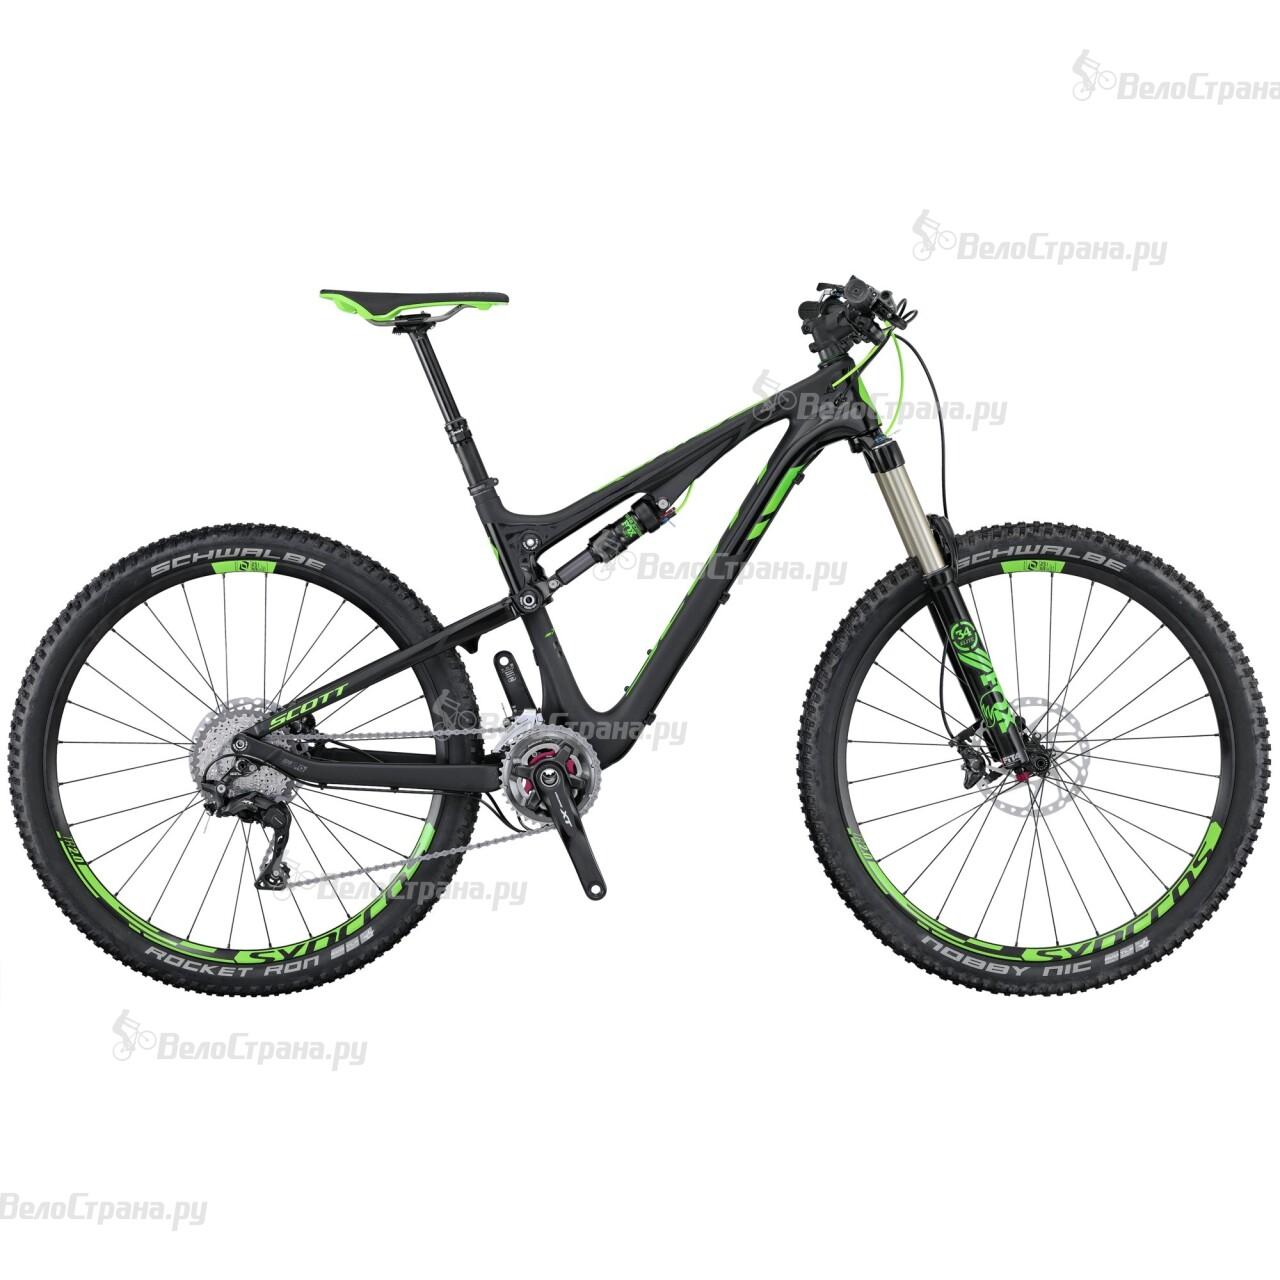 купить Велосипед Scott Genius 710 (2016) недорого